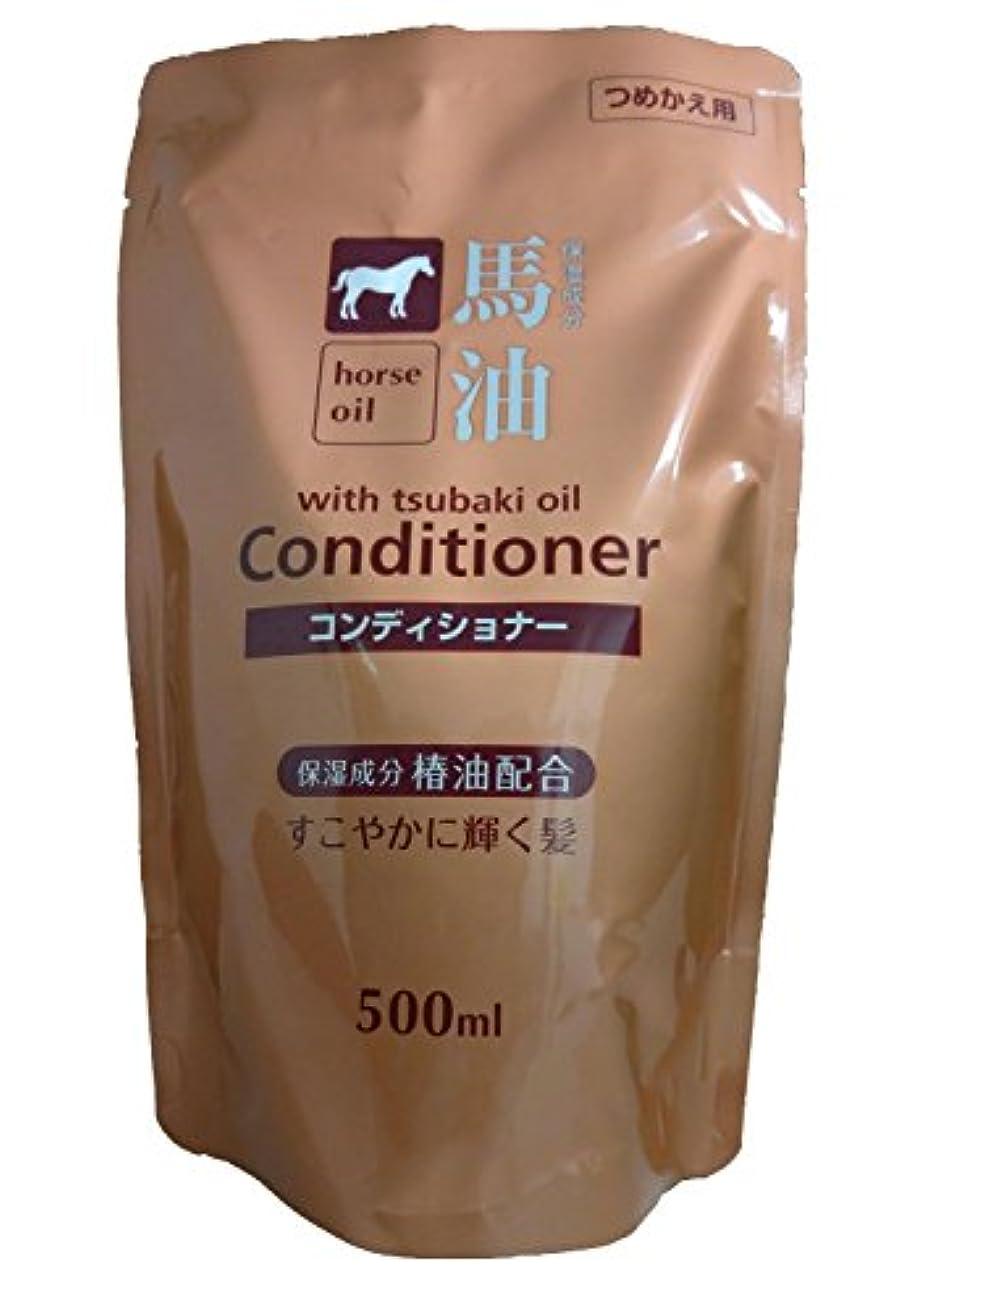 弾性ペフアレイ熊野油脂 馬油コンディショナー 詰め替え用 500ml